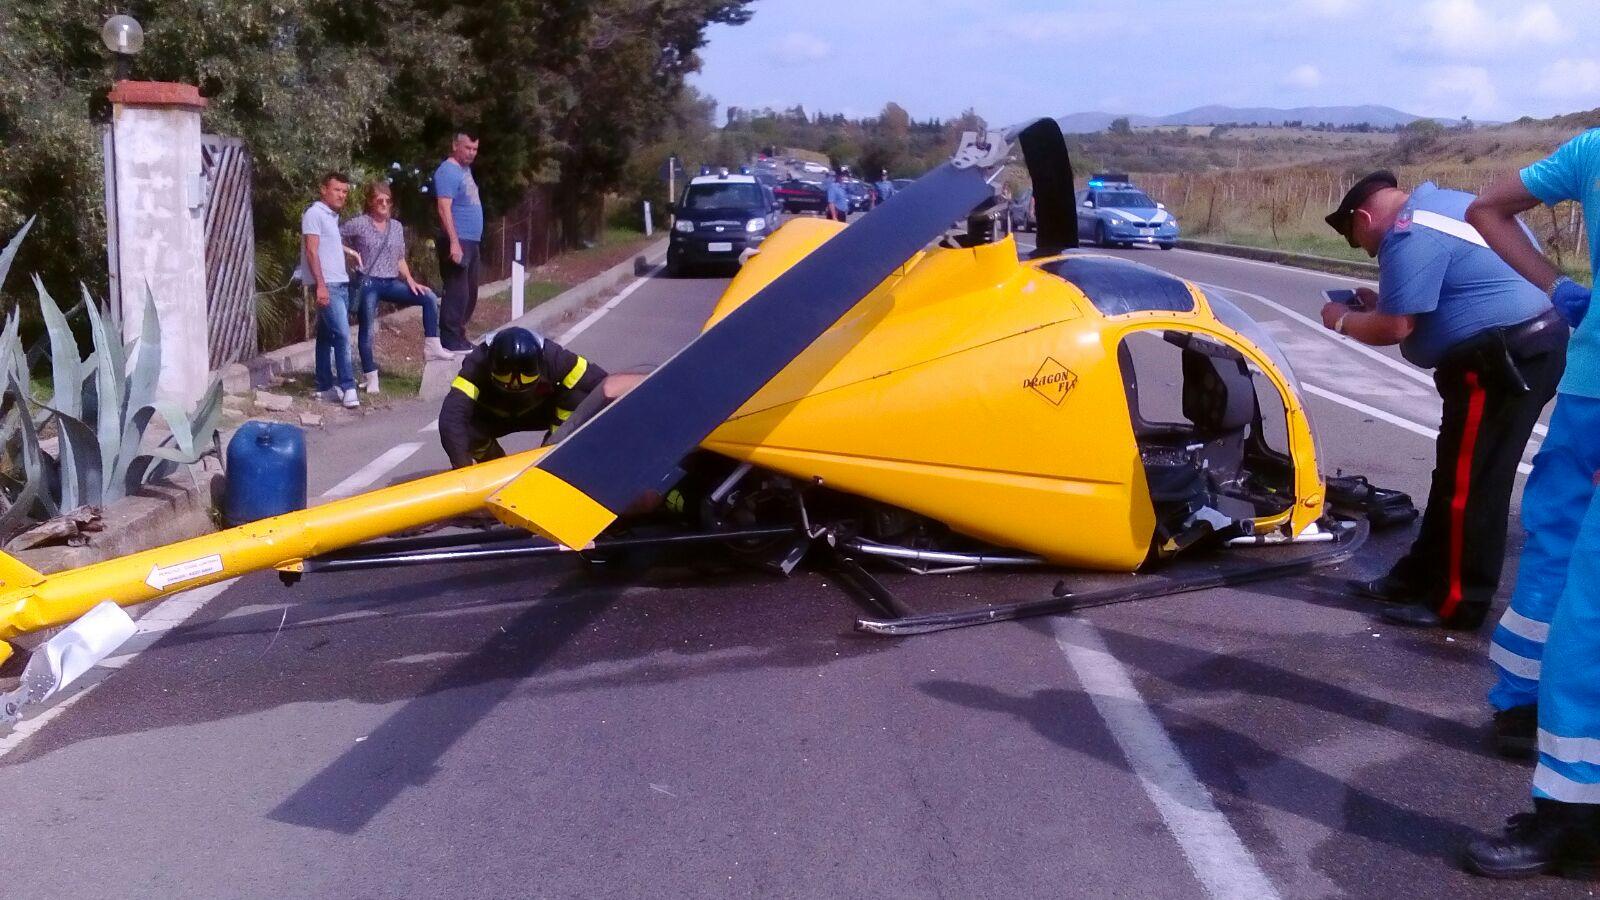 Elicottero Ultraleggero : Elicottero ultraleggero caduto a soleminis morto il